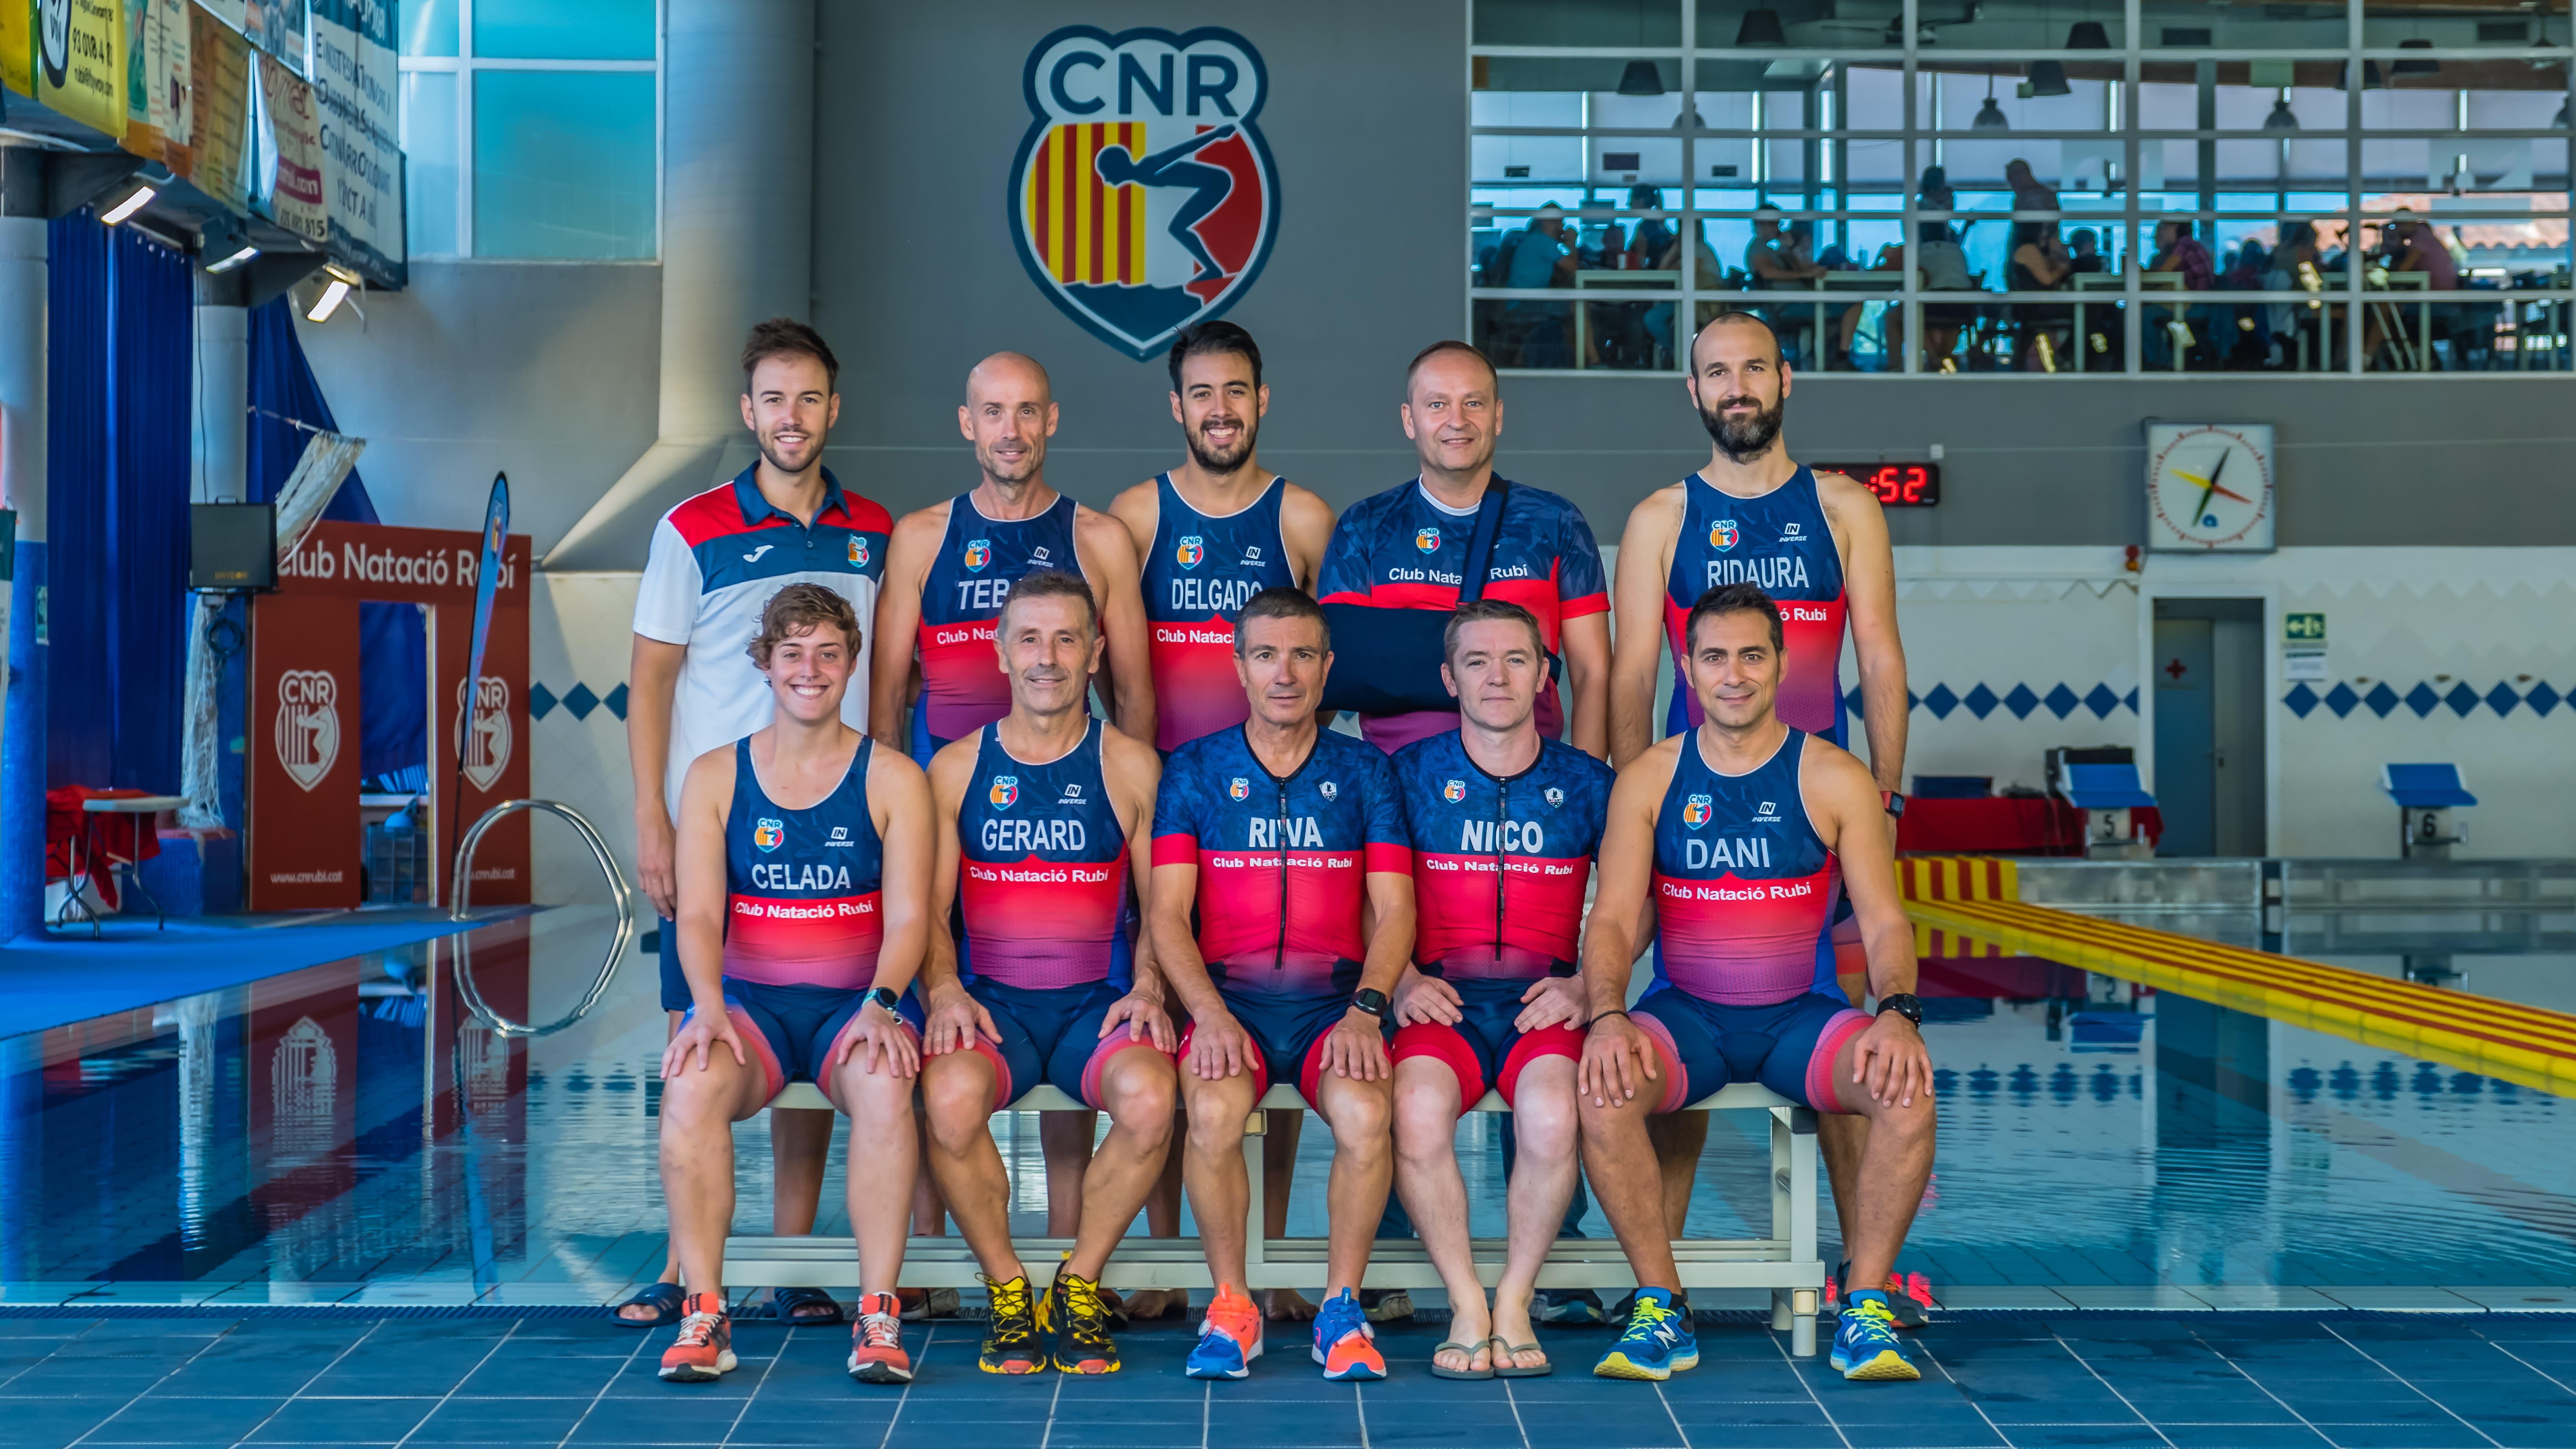 El Club Natació Rubí, 22è millor club de triatló de Catalunya la temporada 2018/2019 segons la Federació Catalana de Triatló